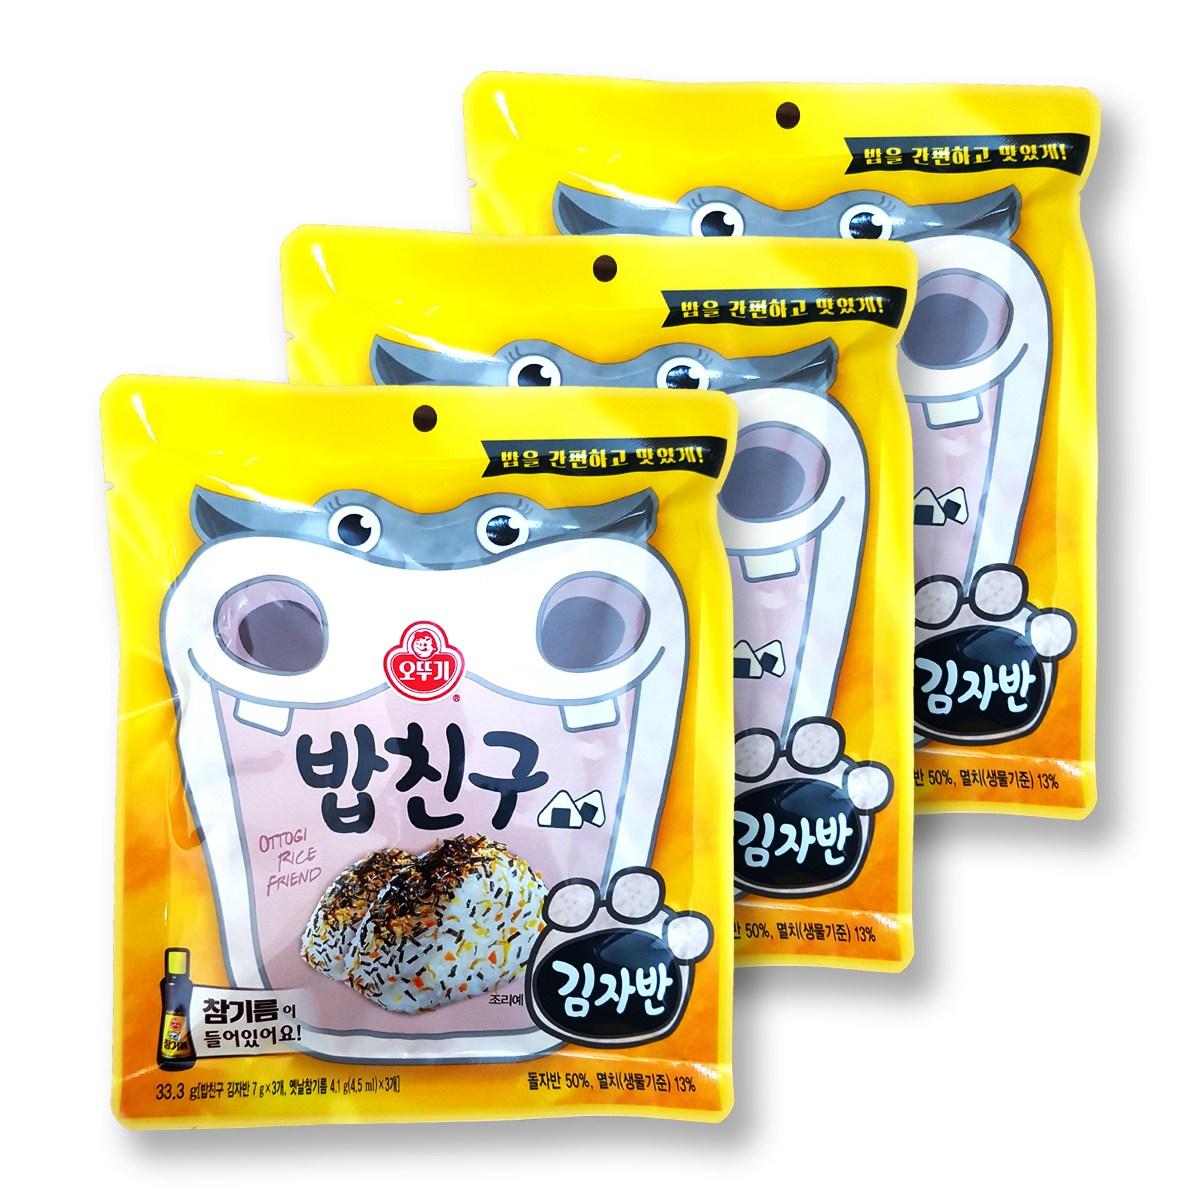 브라더스 오뚜기 밥친구 김자반 3개(33.3g*3개)야채밥이랑후리가케 즉석간편요리, 33.3g, 3개